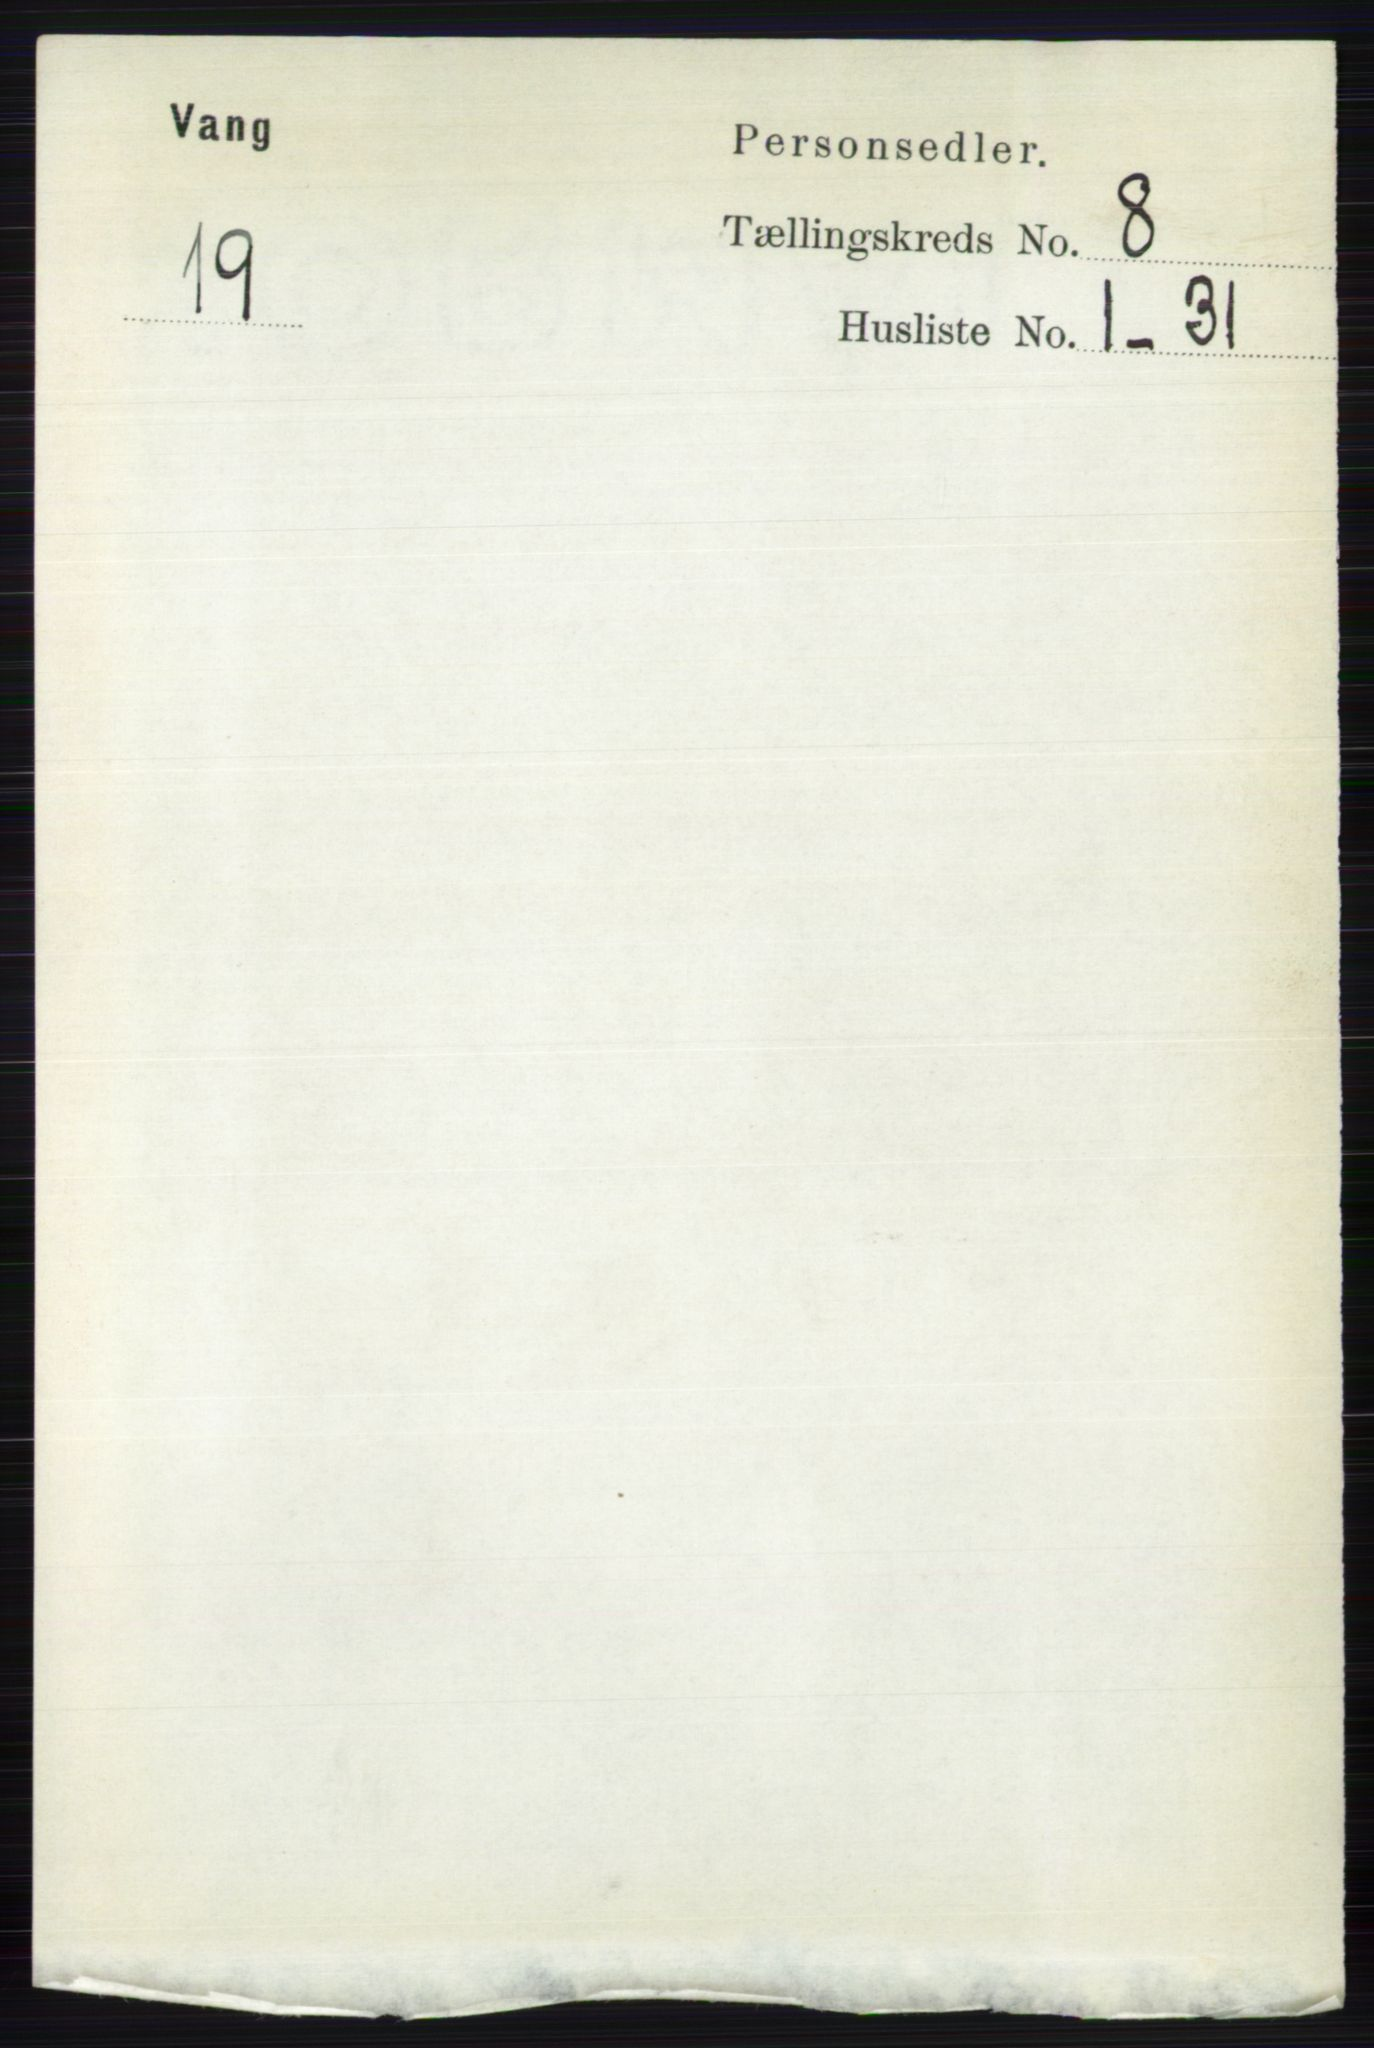 RA, Folketelling 1891 for 0545 Vang herred, 1891, s. 1761